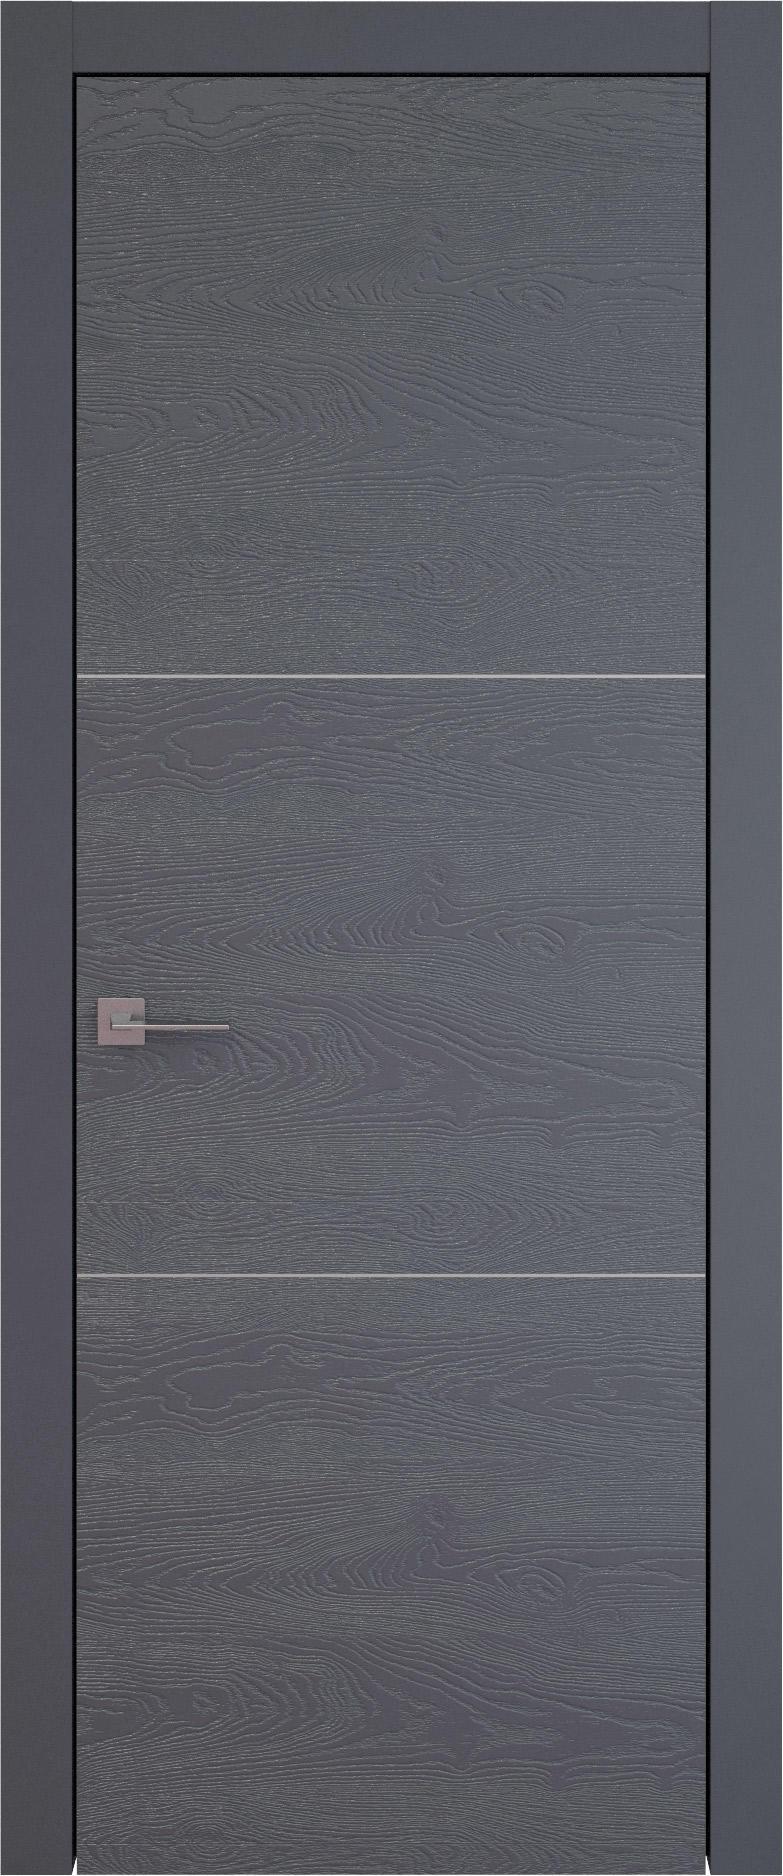 Tivoli В-3 цвет - Графитово-серая эмаль по шпону (RAL 7024) Без стекла (ДГ)